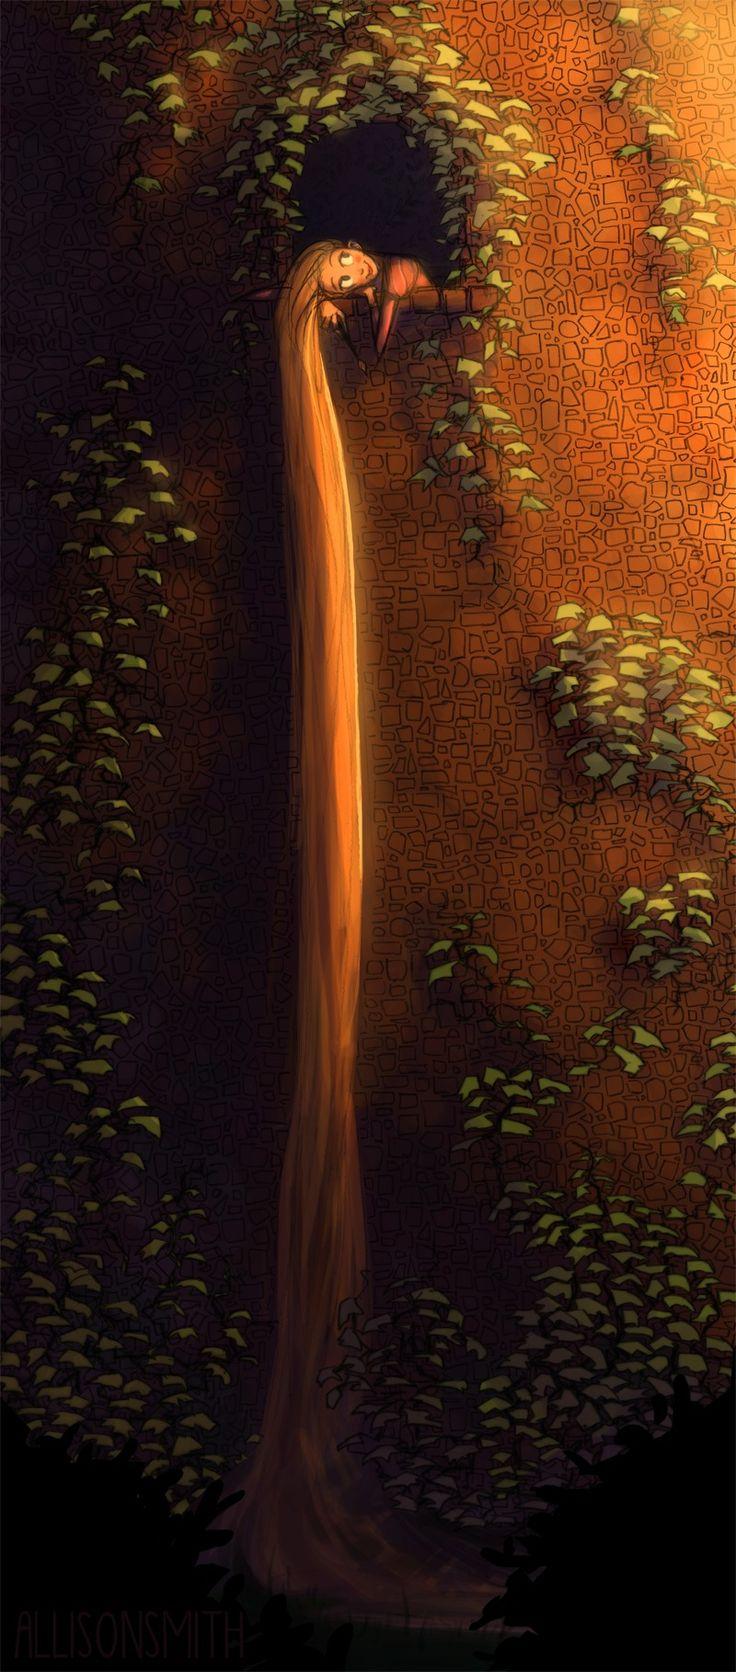 att låta håret växa. rapunzel, trassel